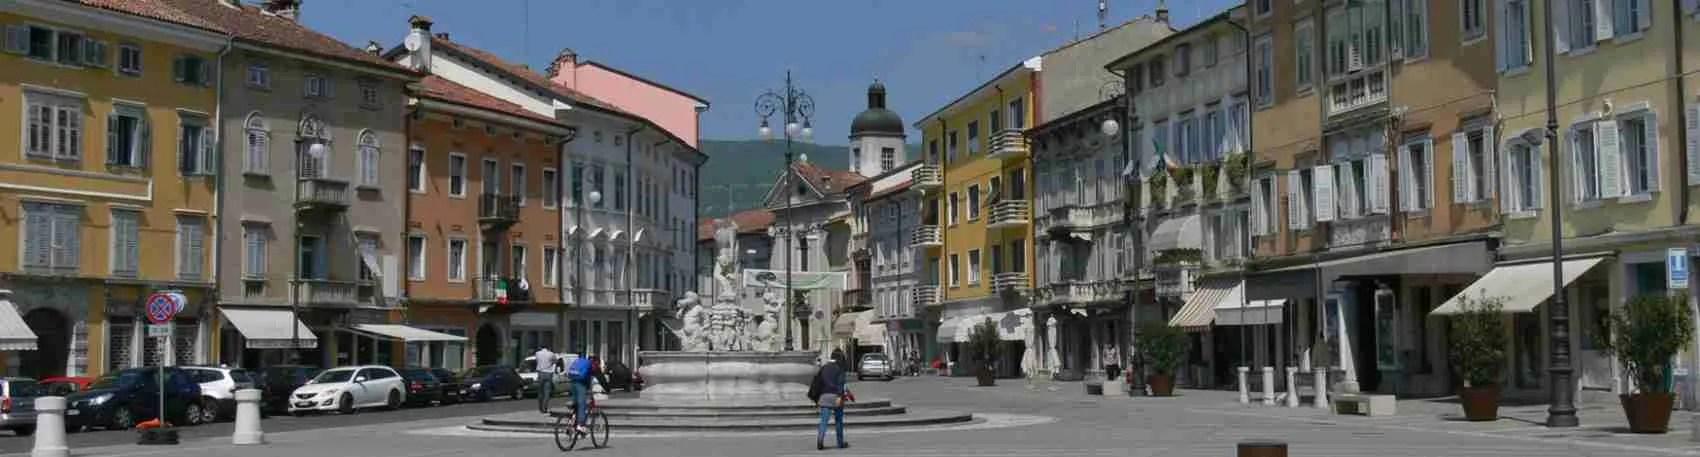 Piazza della Vittoria è il fulcro della città dove passeggiare con una bellissima escort Gorizia.